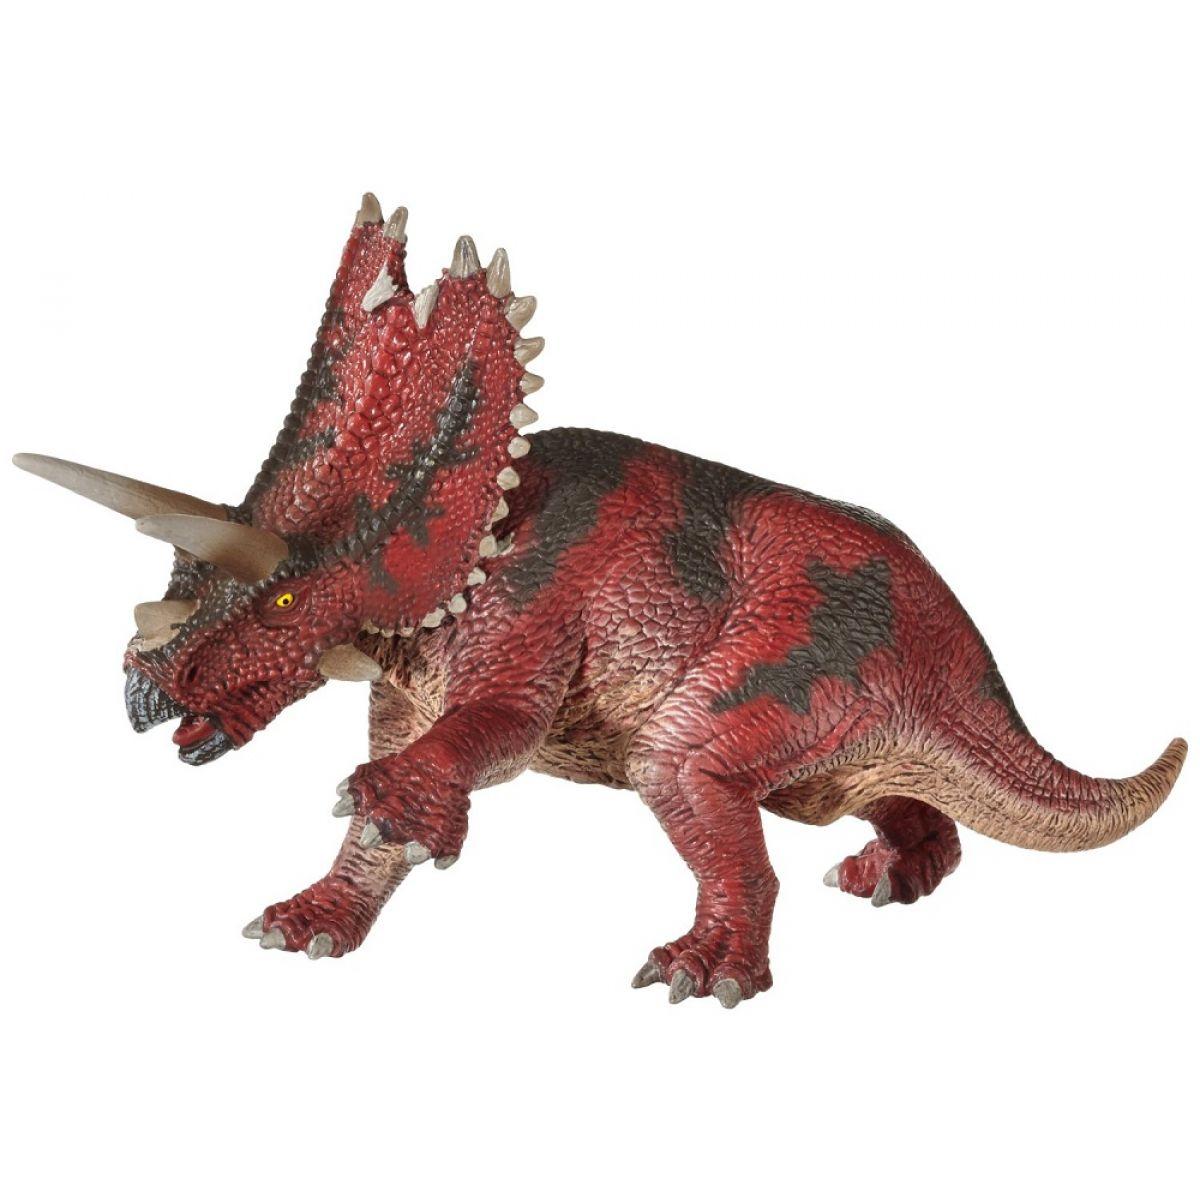 Schleich Dinosaurs Pentaceratops